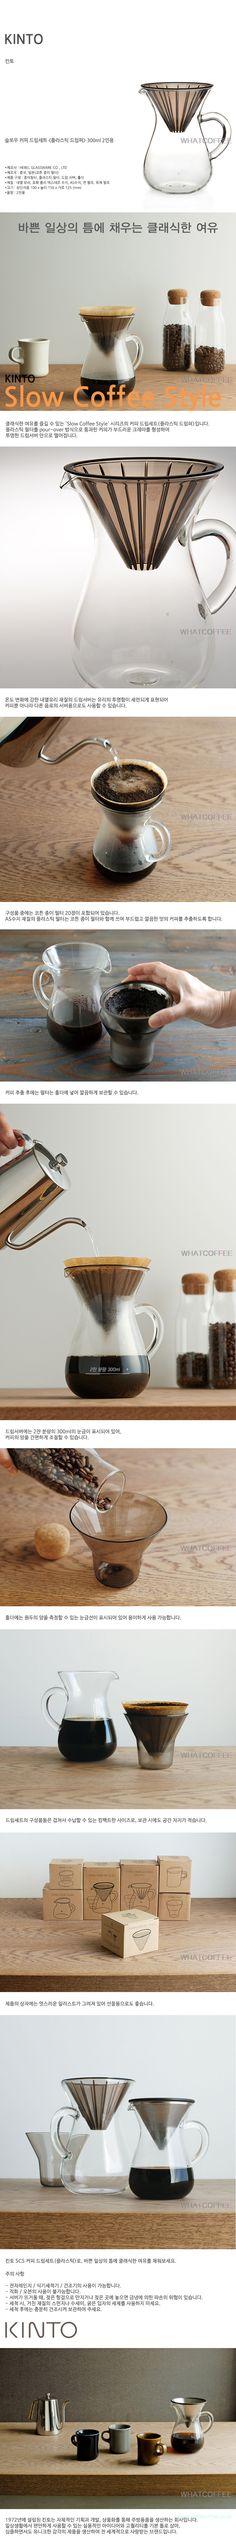 킨토 슬로우 커피 드립세트 (플라스틱 드립퍼) 300ml 2인용 - Whatcoffee.co.kr - 칼리타,비알레띠,보덤,모카포트,드립용품,킨토 ::